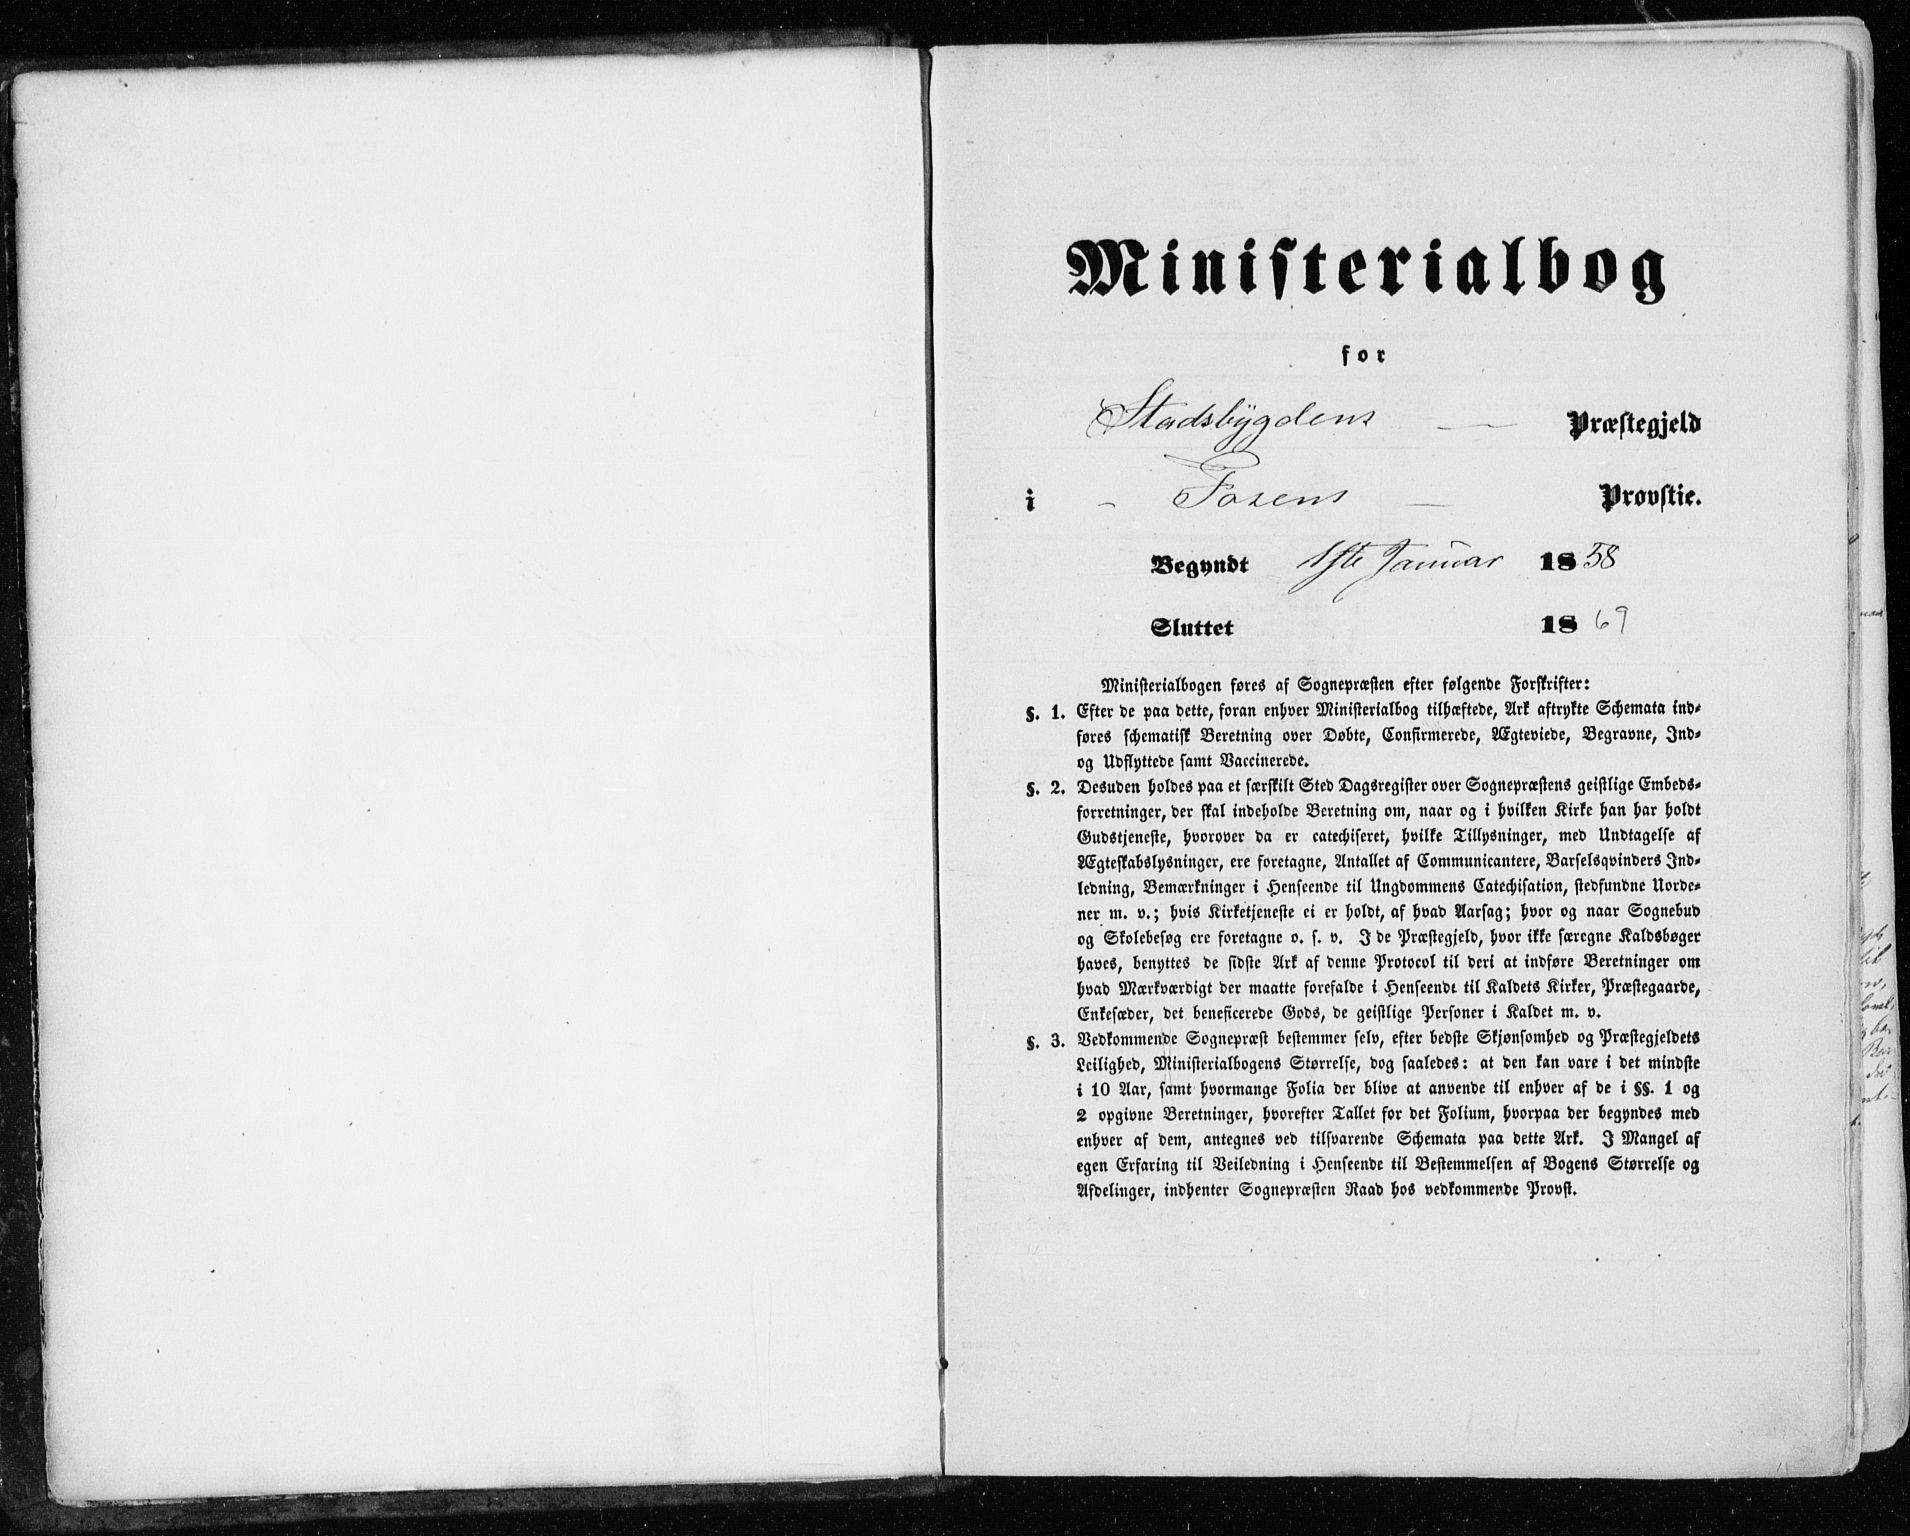 SAT, Ministerialprotokoller, klokkerbøker og fødselsregistre - Sør-Trøndelag, 646/L0612: Parish register (official) no. 646A10, 1858-1869